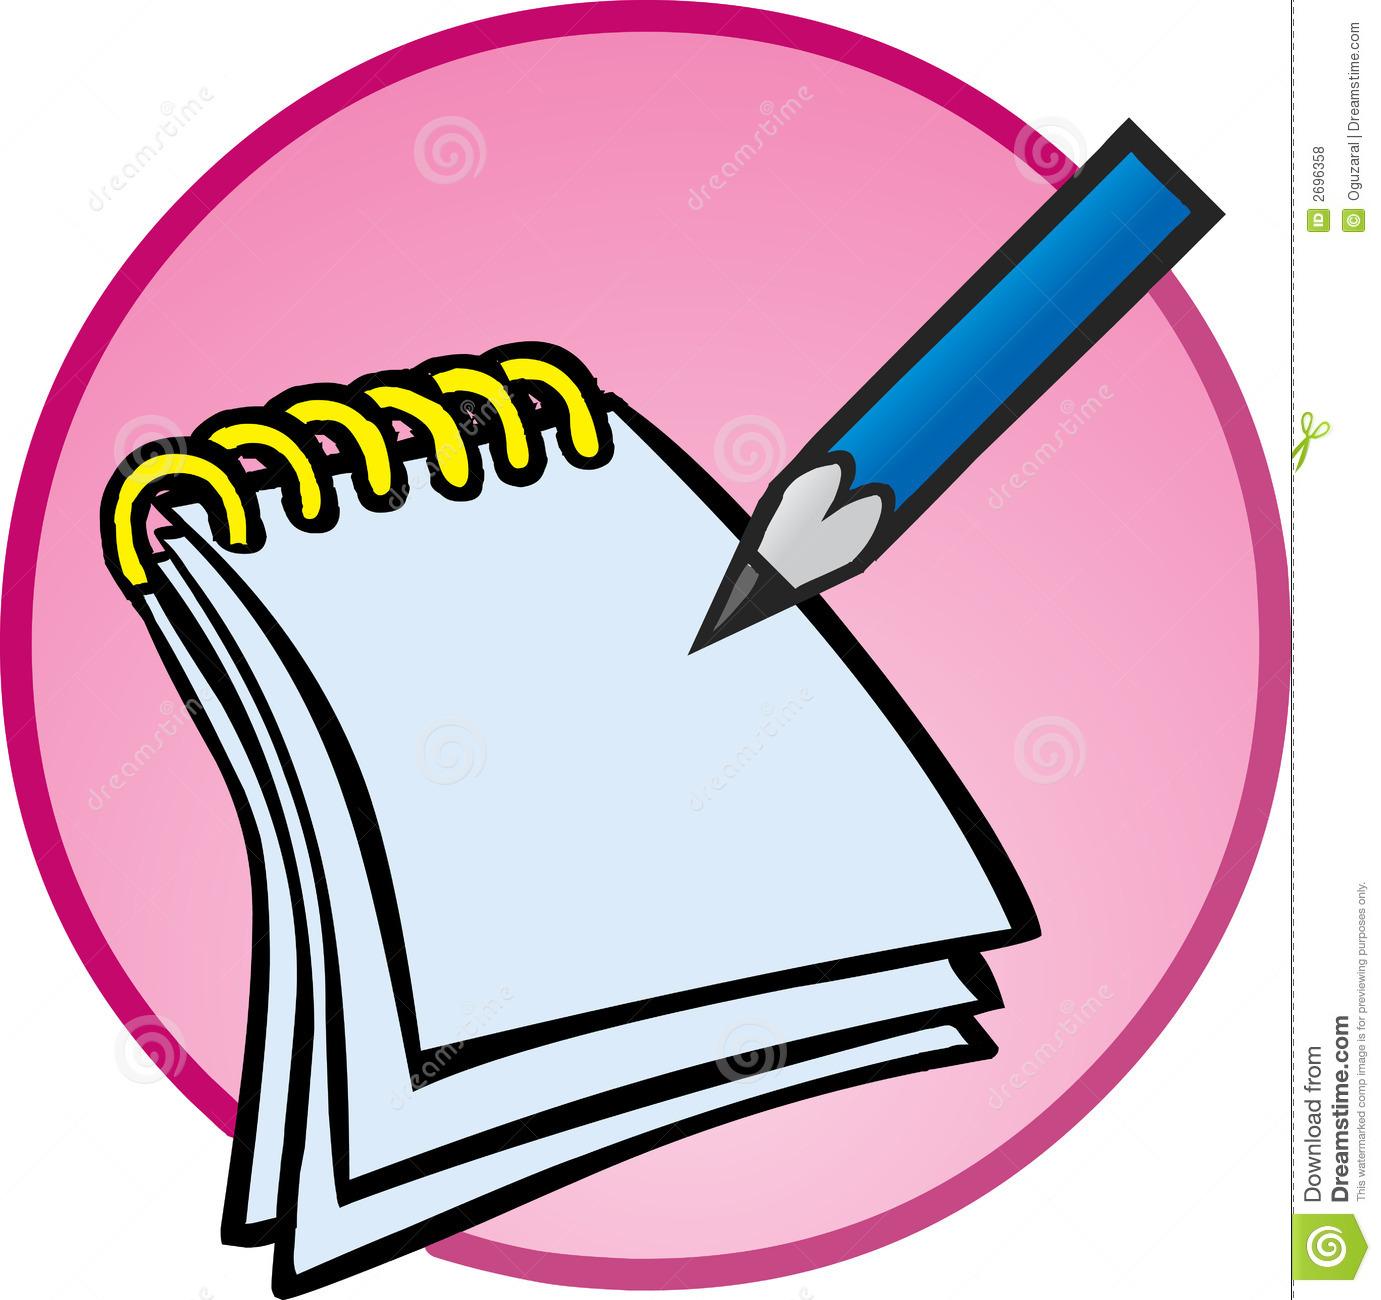 1381x1300 Notebook Clipart Written Note